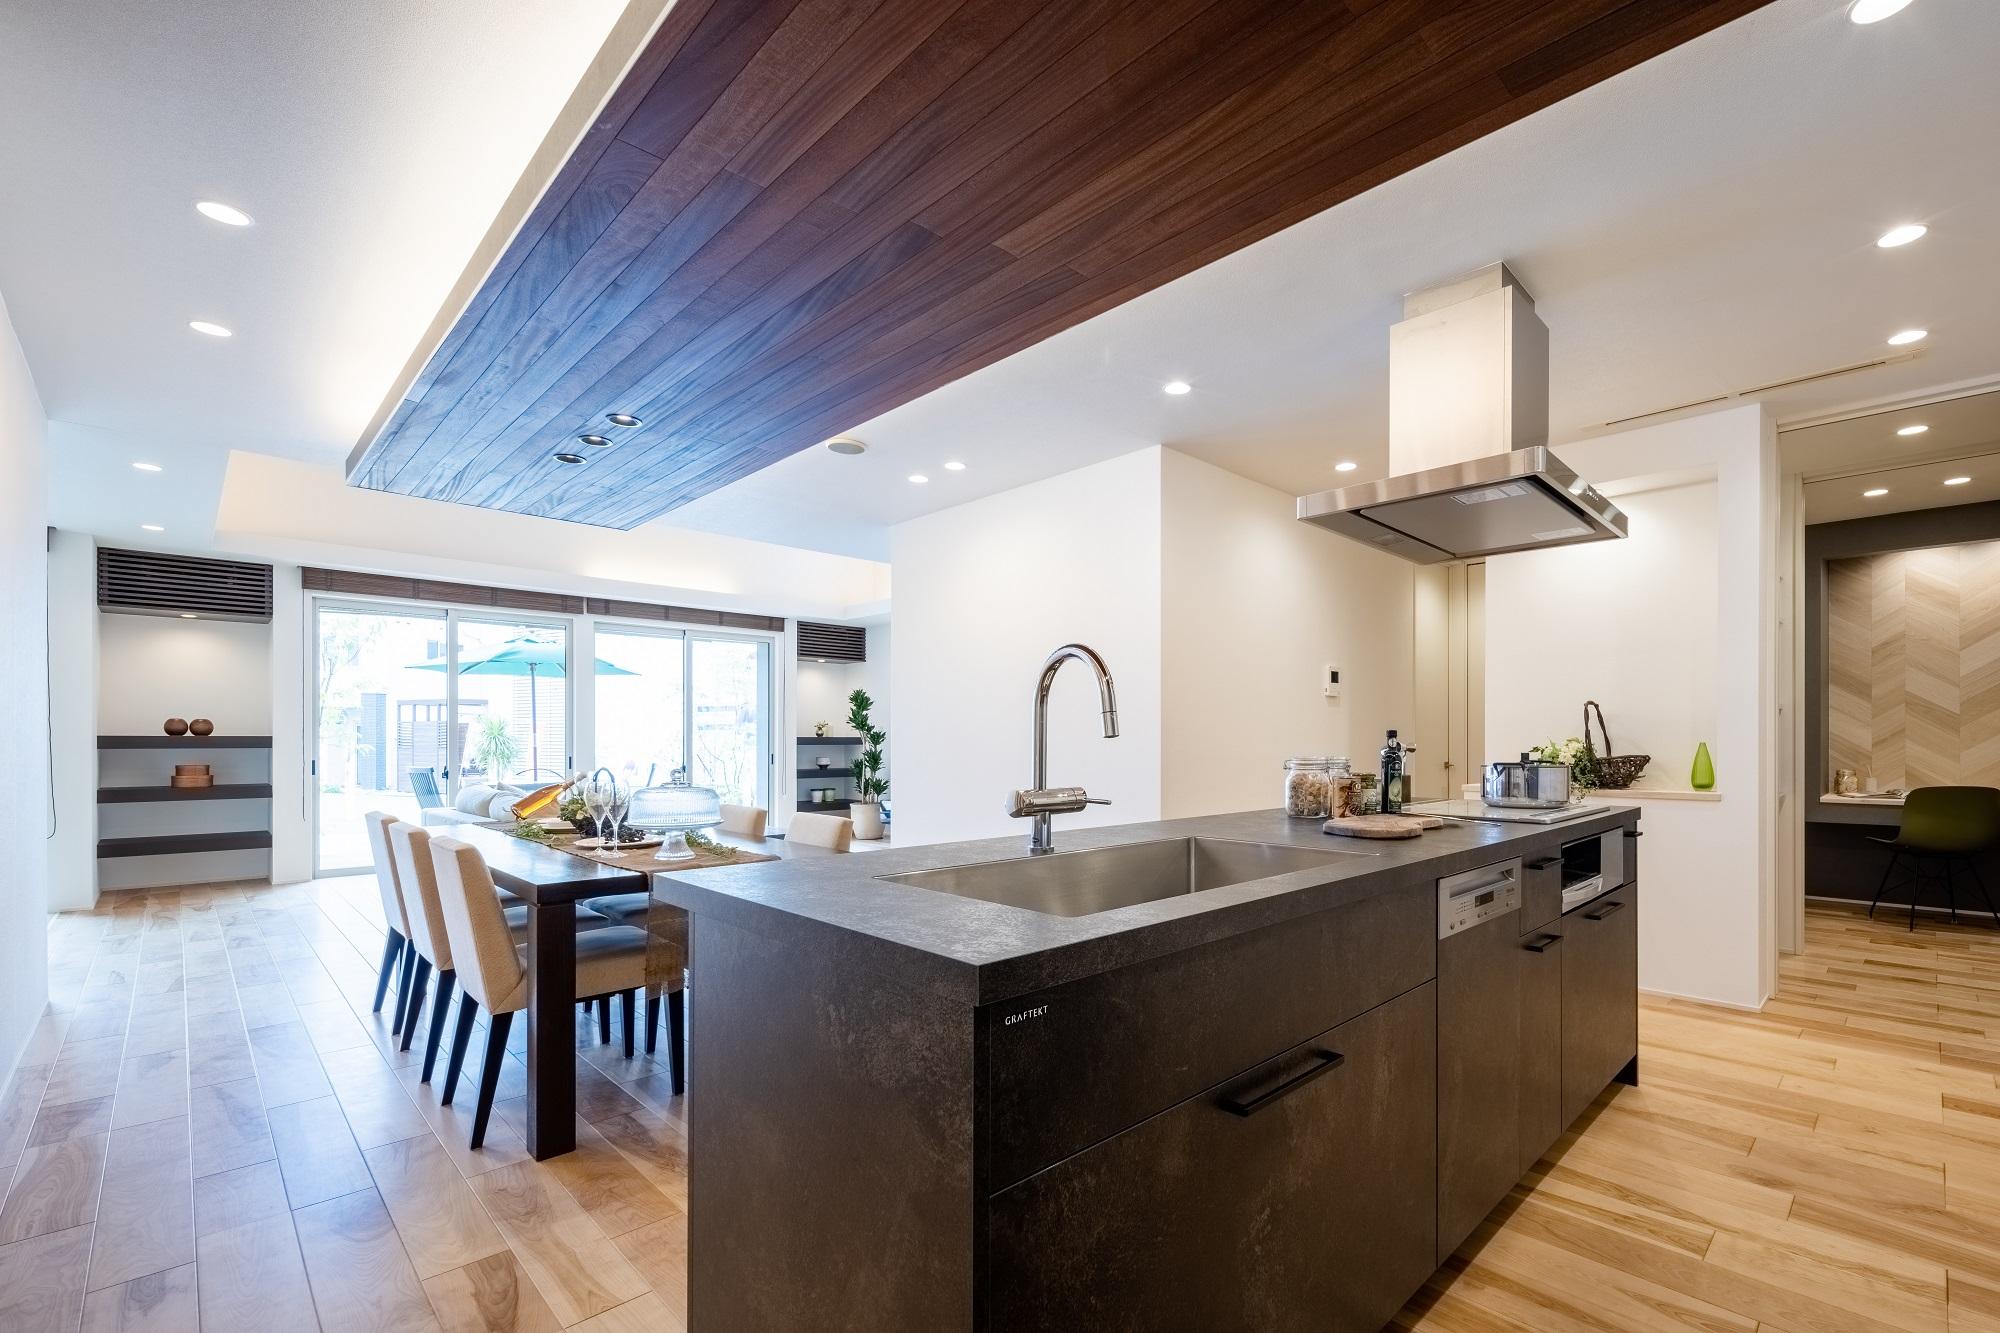 高いデザイン性と機能性が人気のグラフテクト社製のキッチン。天井の板張りが空間にアクセントを加えます。